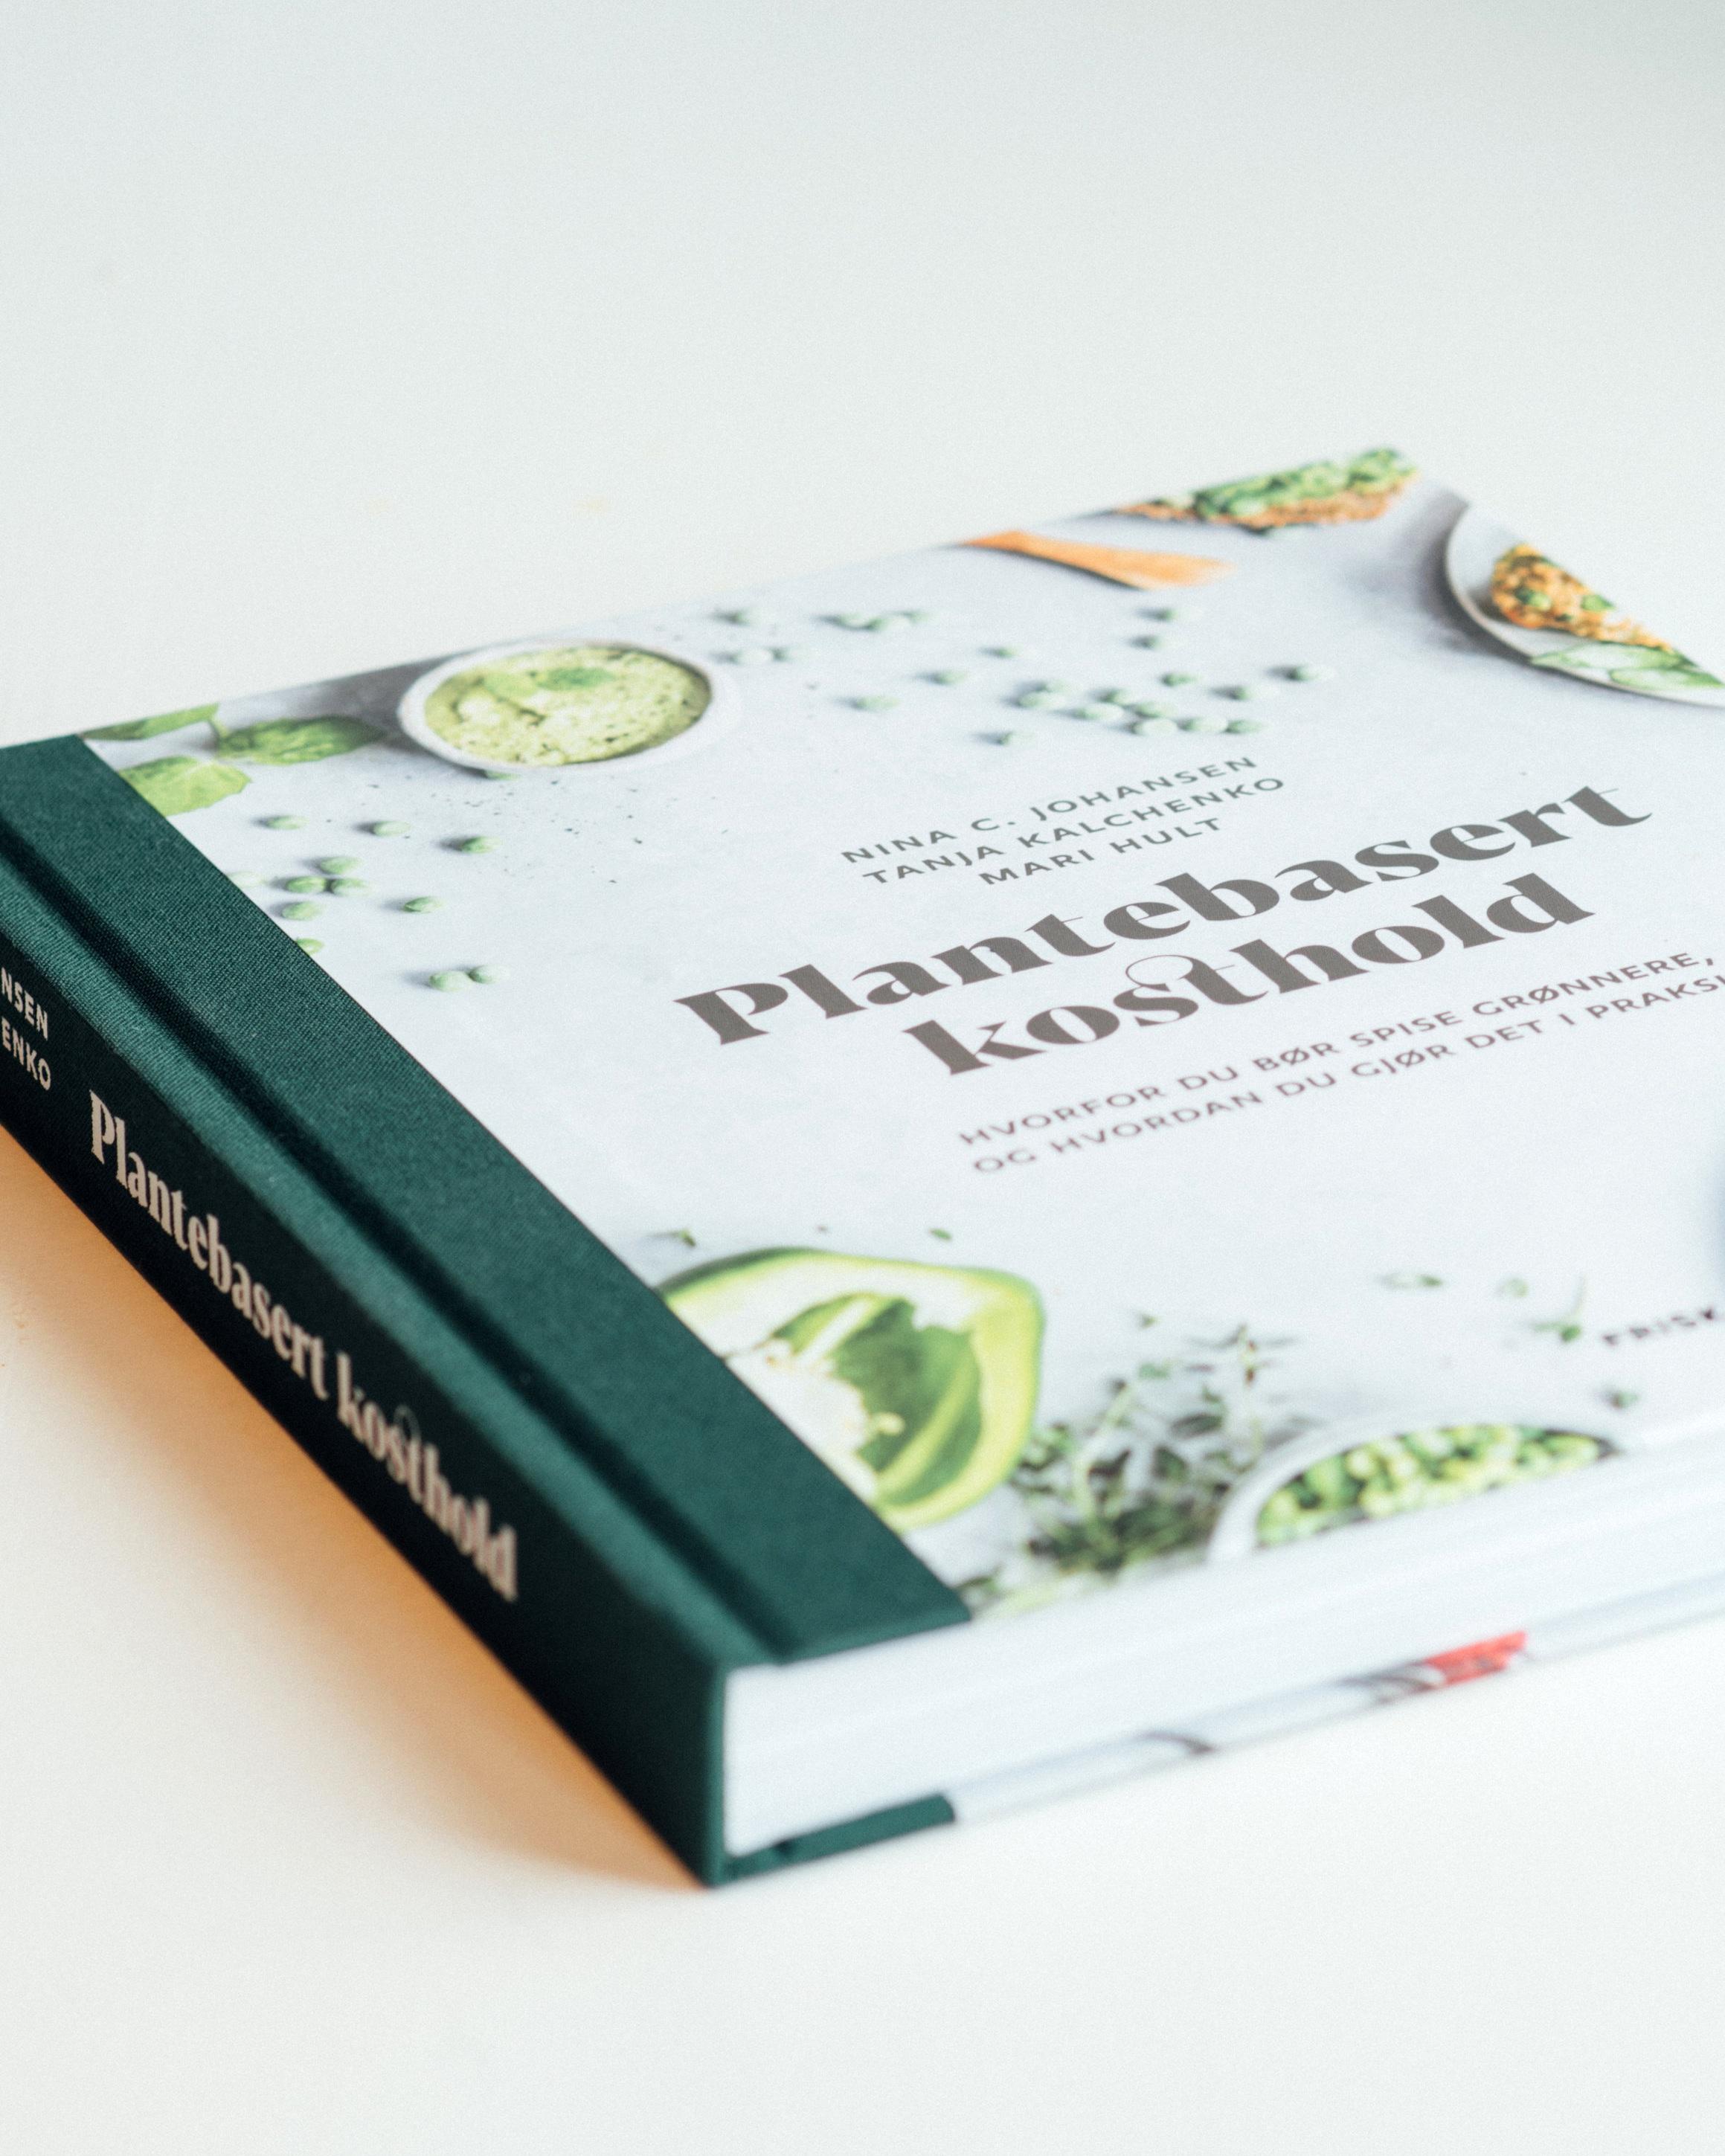 - Jeg er forfatter av boken Plantebasert kosthold sammen med lege Tanja Kalchenko. Dette er en fagbok om plantebasert ernæring. Mari Hult fra Vegetarbloggen.no har laget oppskrifter.Innhold:DEL 1: Hvorfor anbefaler vi et plantebasert kosthold?DEL 2: Hvorfor kutte ned på kjøtt, fisk og meieriprodukter?DEL 3: Hvordan sette sammen et sunt, plantebasert kosthold?DEL 4: Slik gjør du det i praksis (inkl. oppskrifter)Ofte stilte spørsmål240 sider191 referanser33 oppskrifter (med næringsinnhold)Ta kontakt for pressekopier av boken, eller oversikt over innhold/tema. Alle forfatterne er tilgjengelig for intervju.